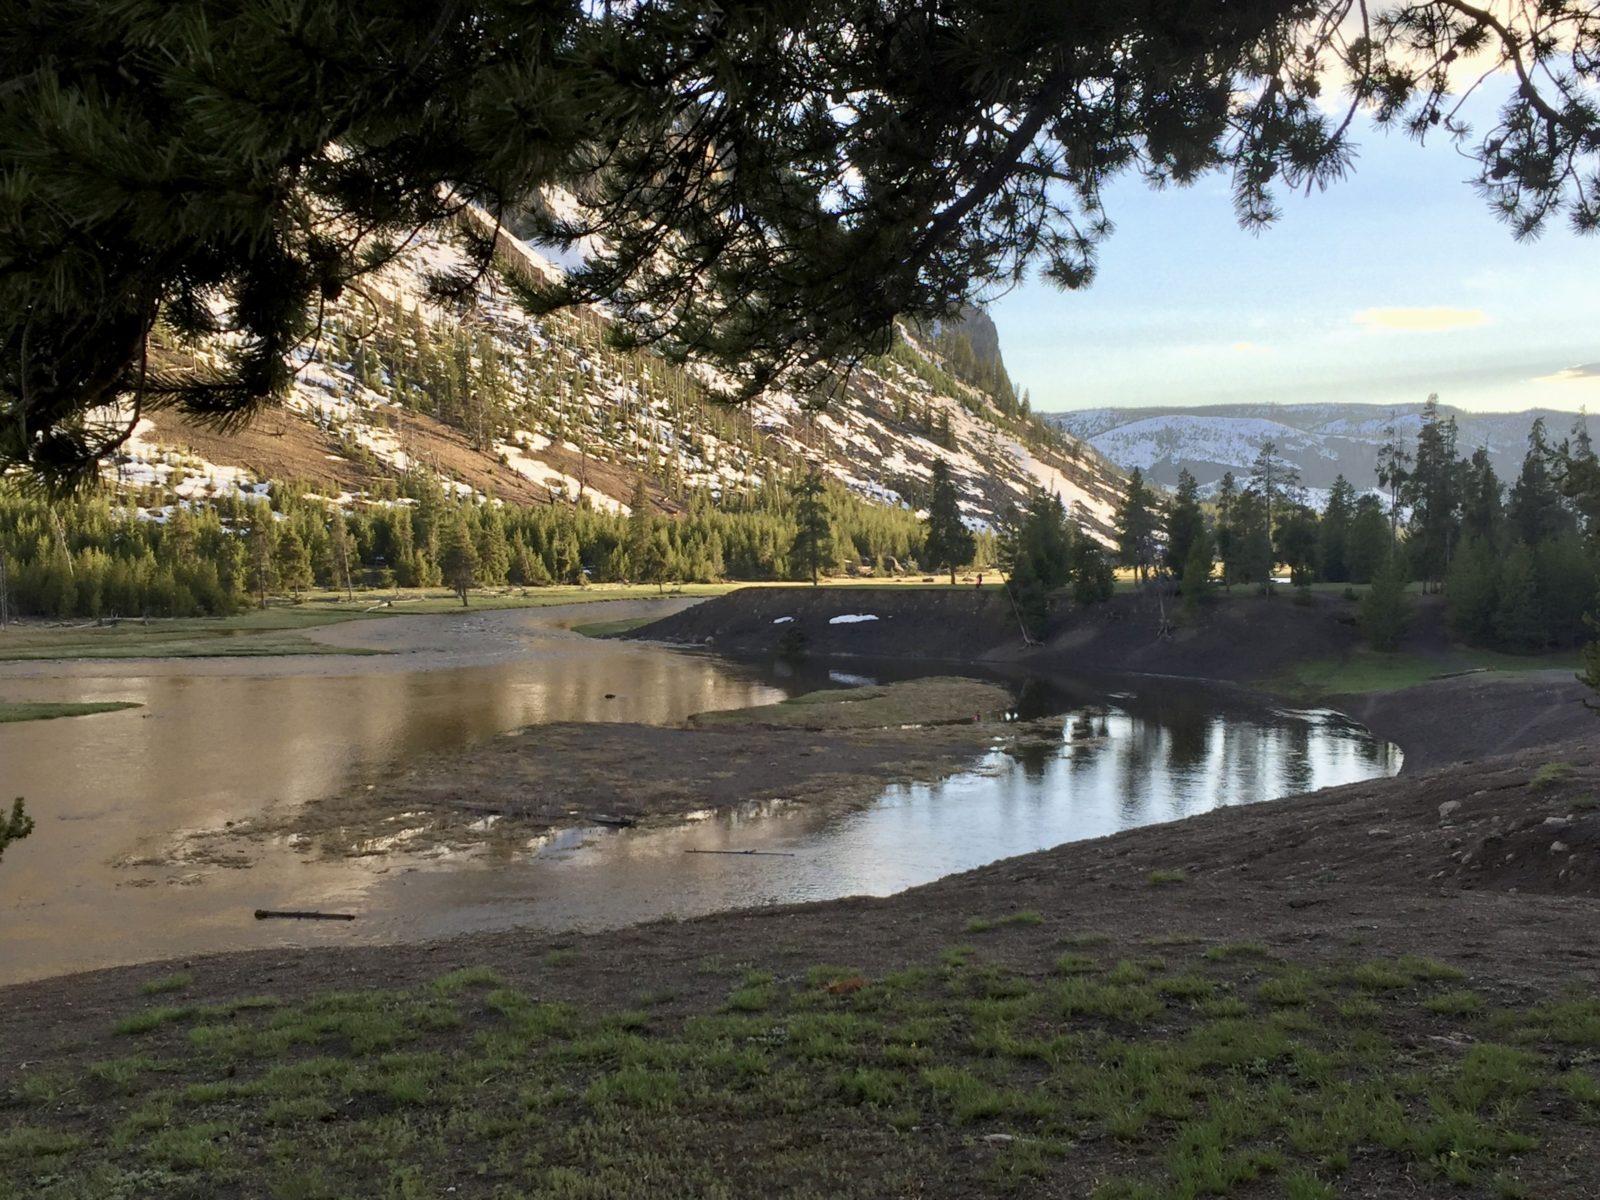 Enges Bergtal mit mäanderndem Fluss, grünen Wiesen und Nadelwild am Randes des Madison Campgrounds im Yellowstone National Park